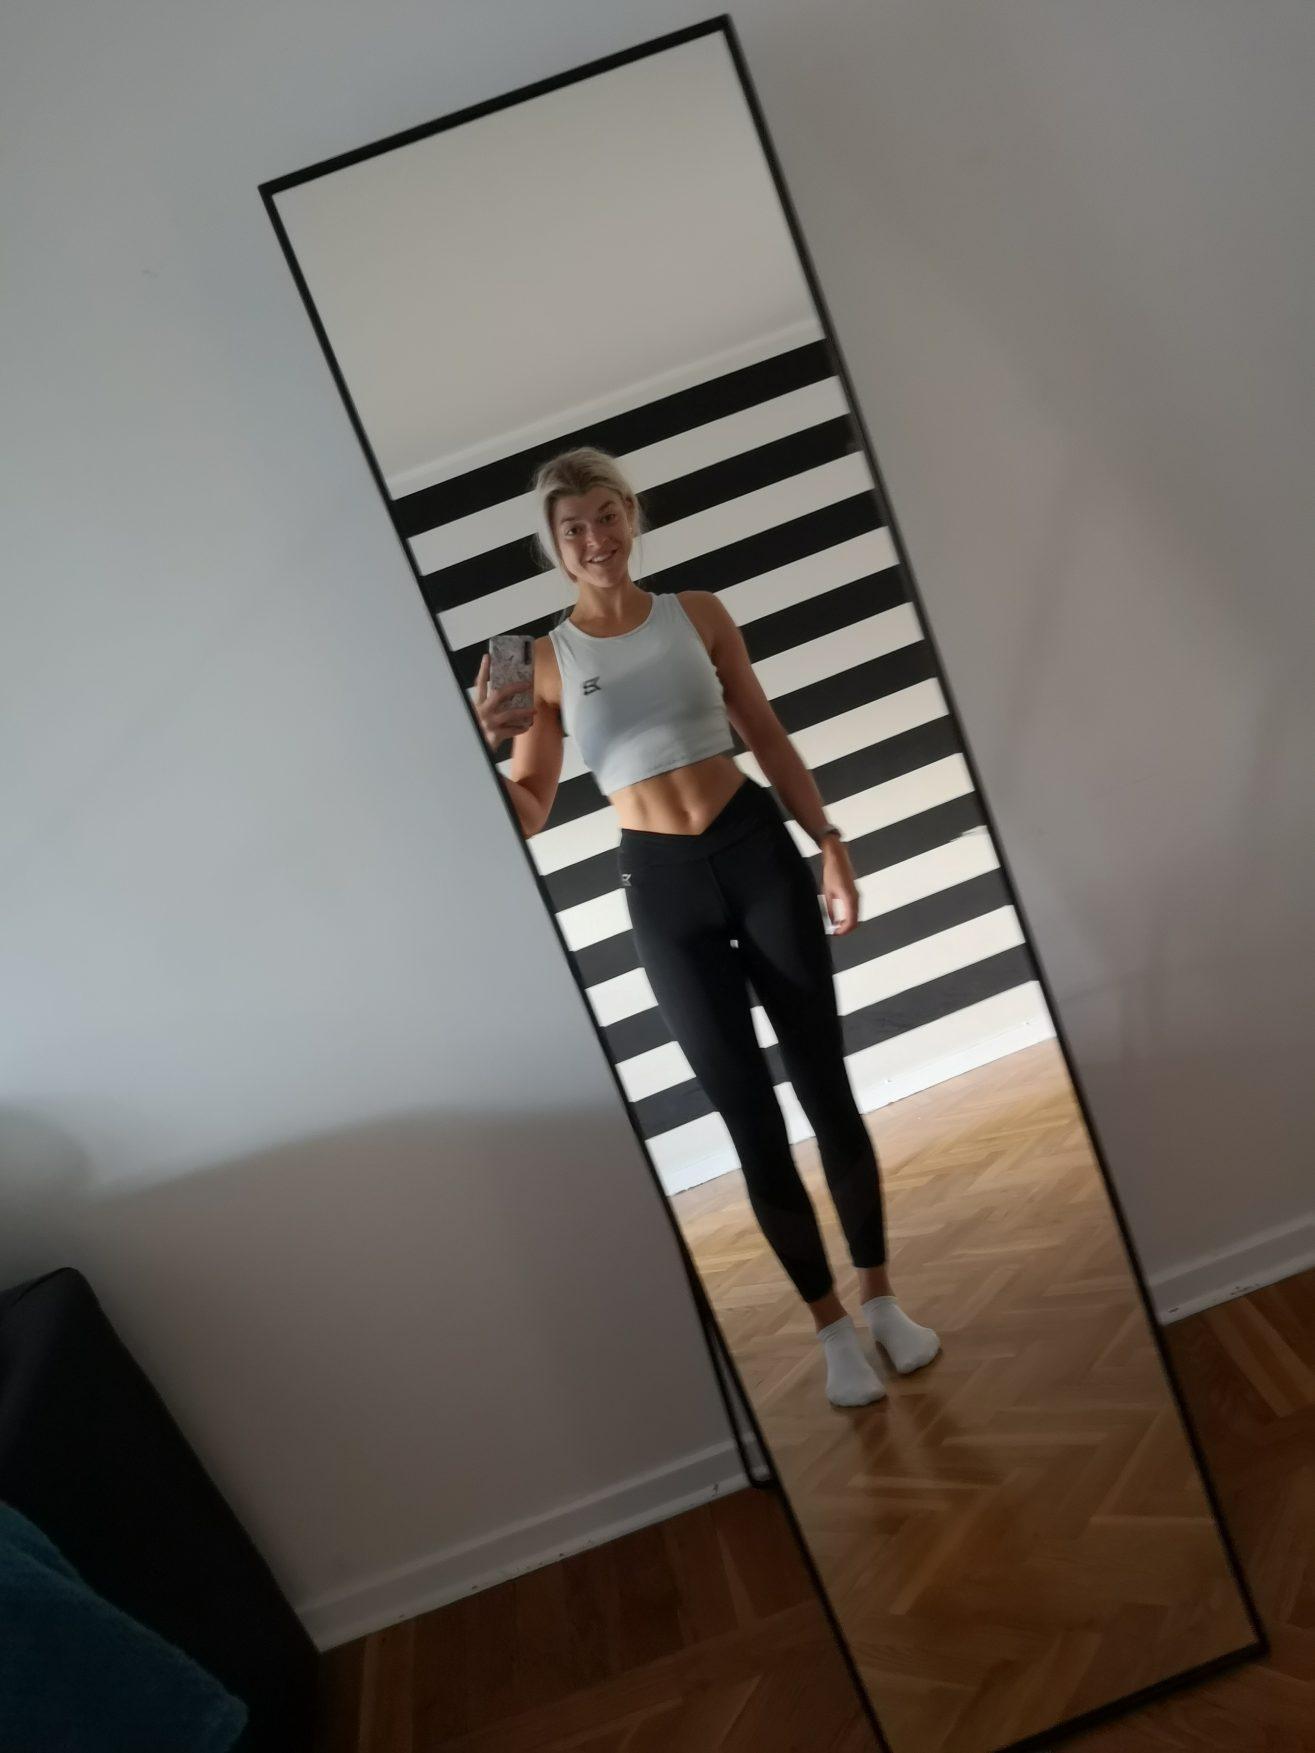 Linn Stenholm Bikini fitness 5weeks out